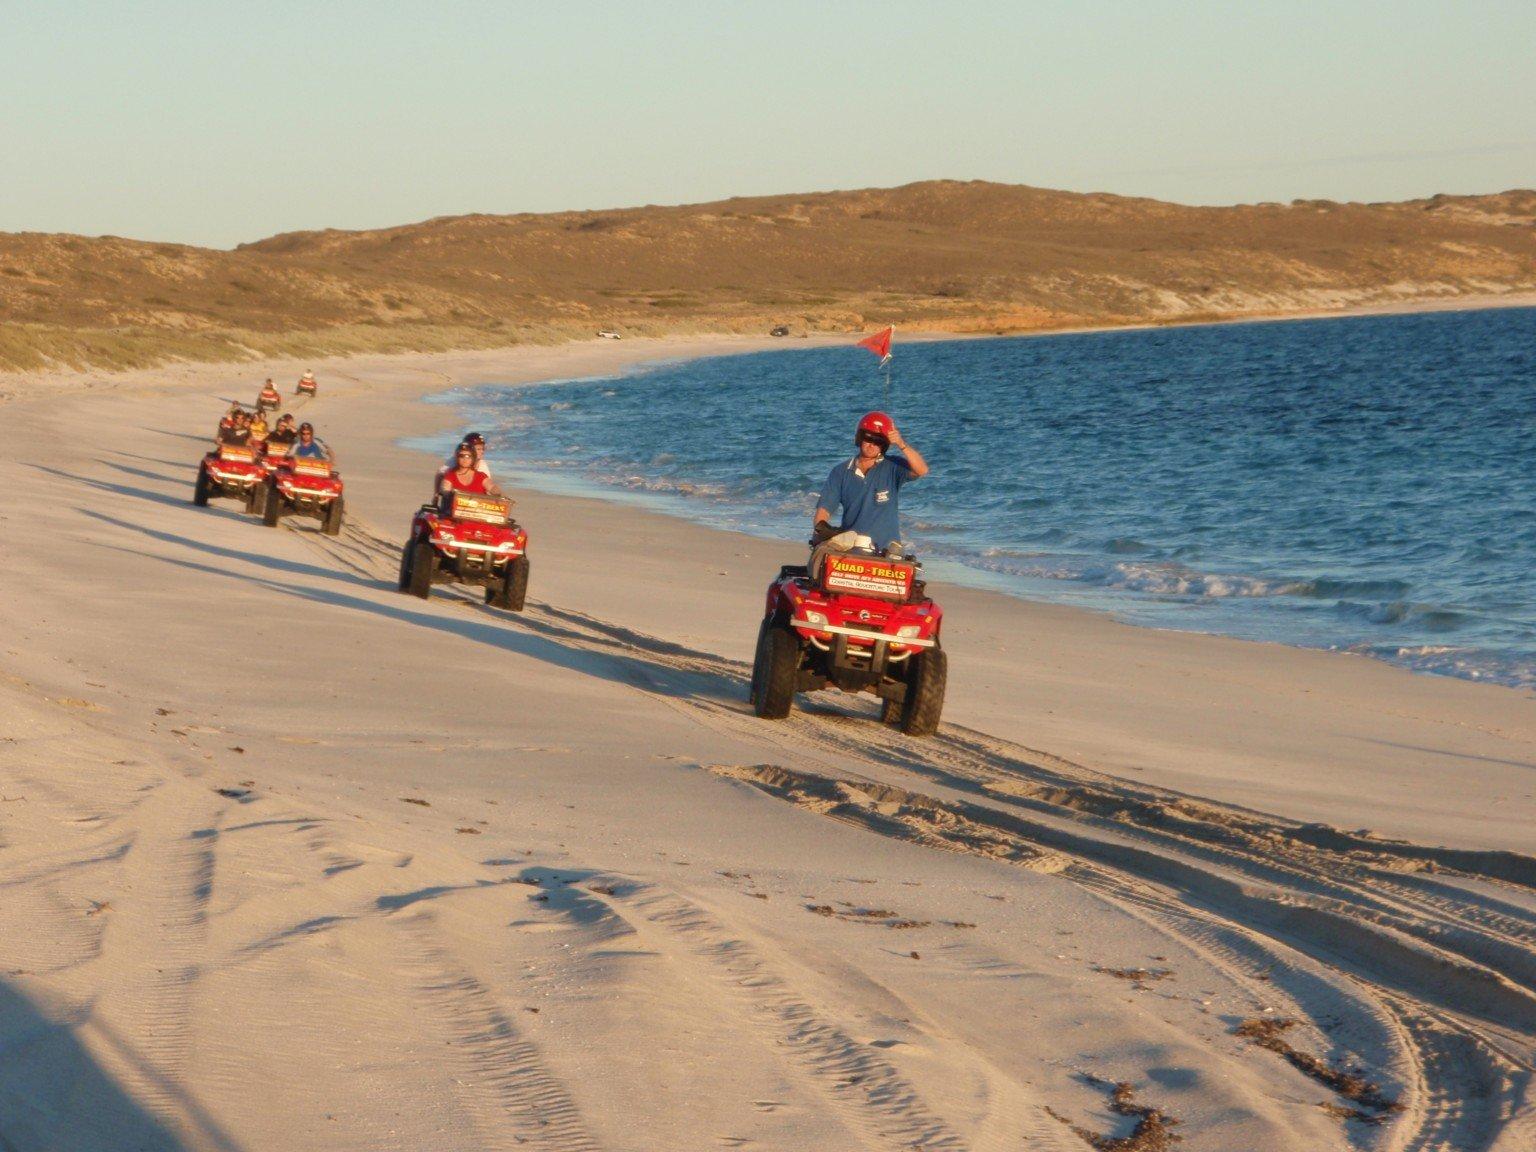 Coral Bay Quad Tours